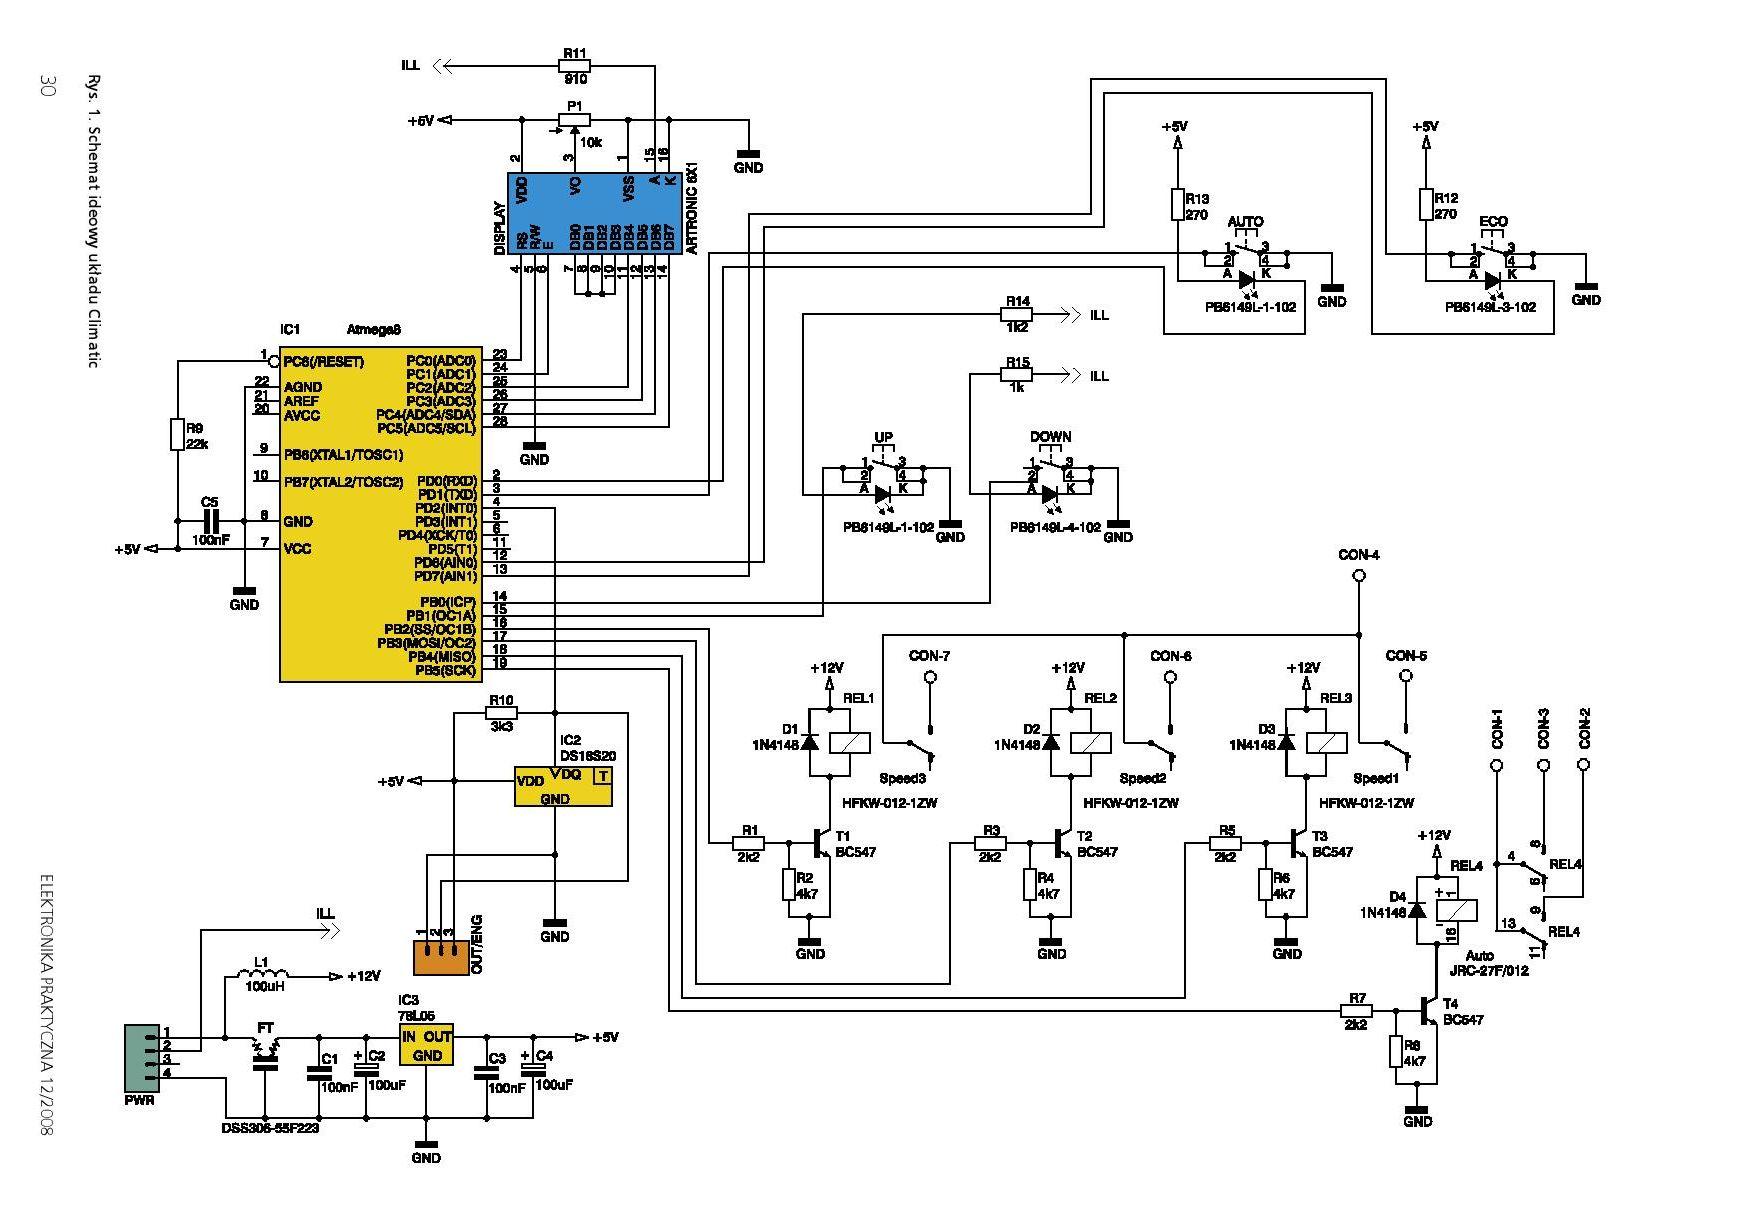 atmega8 - avt-5160 climatic zawiesza si� przy uruchamianiu